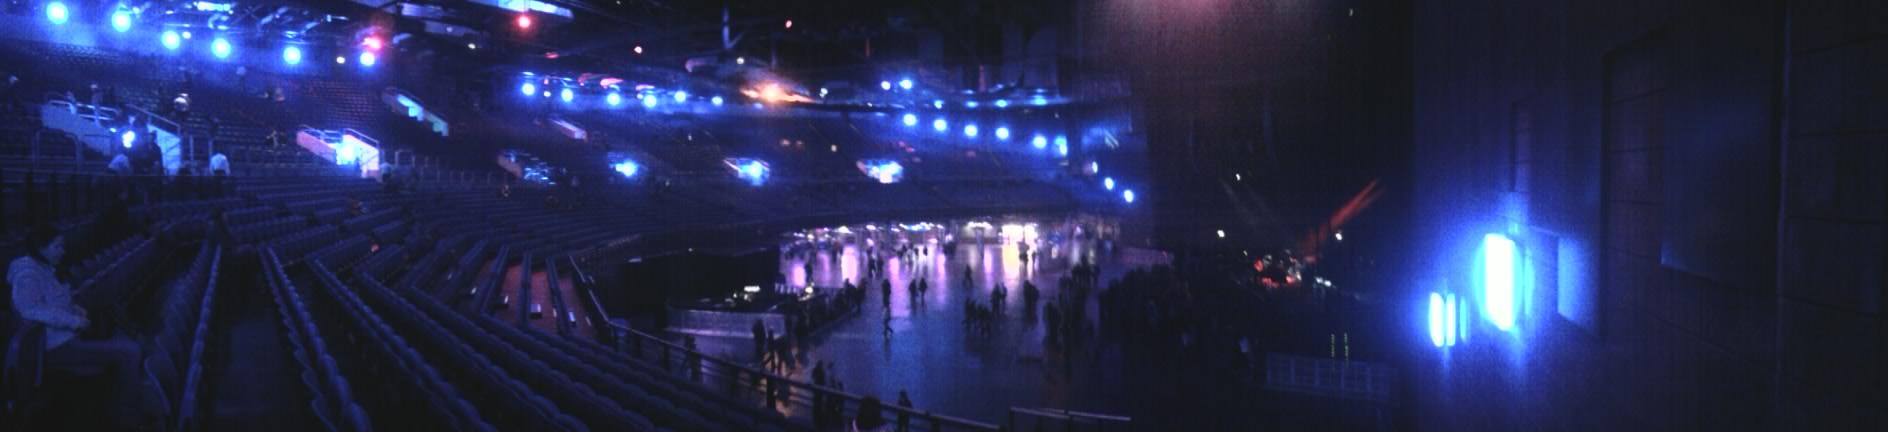 Vista panorámica del interior del recinto.